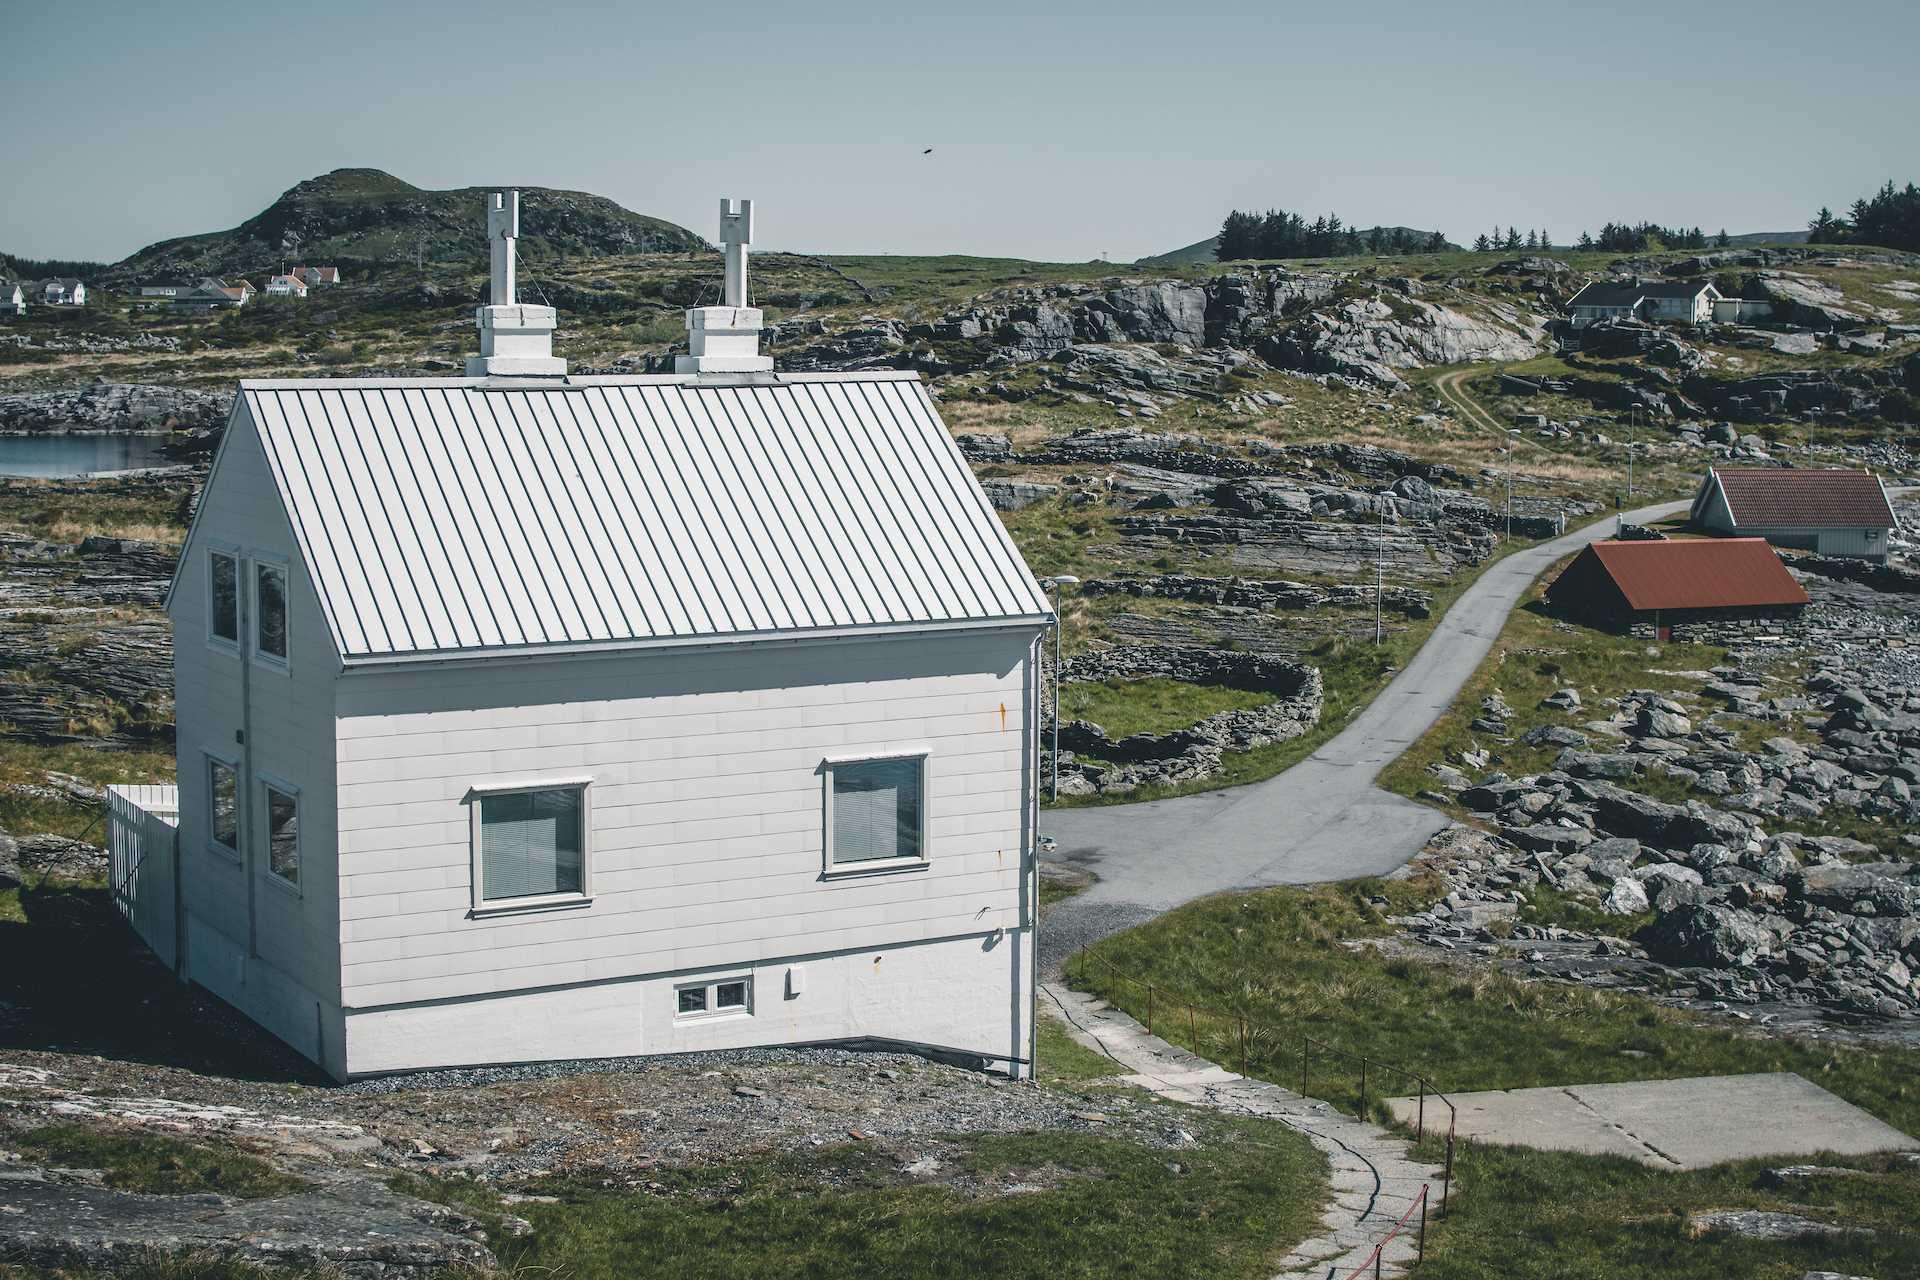 latarnie napołudniu Norwegii